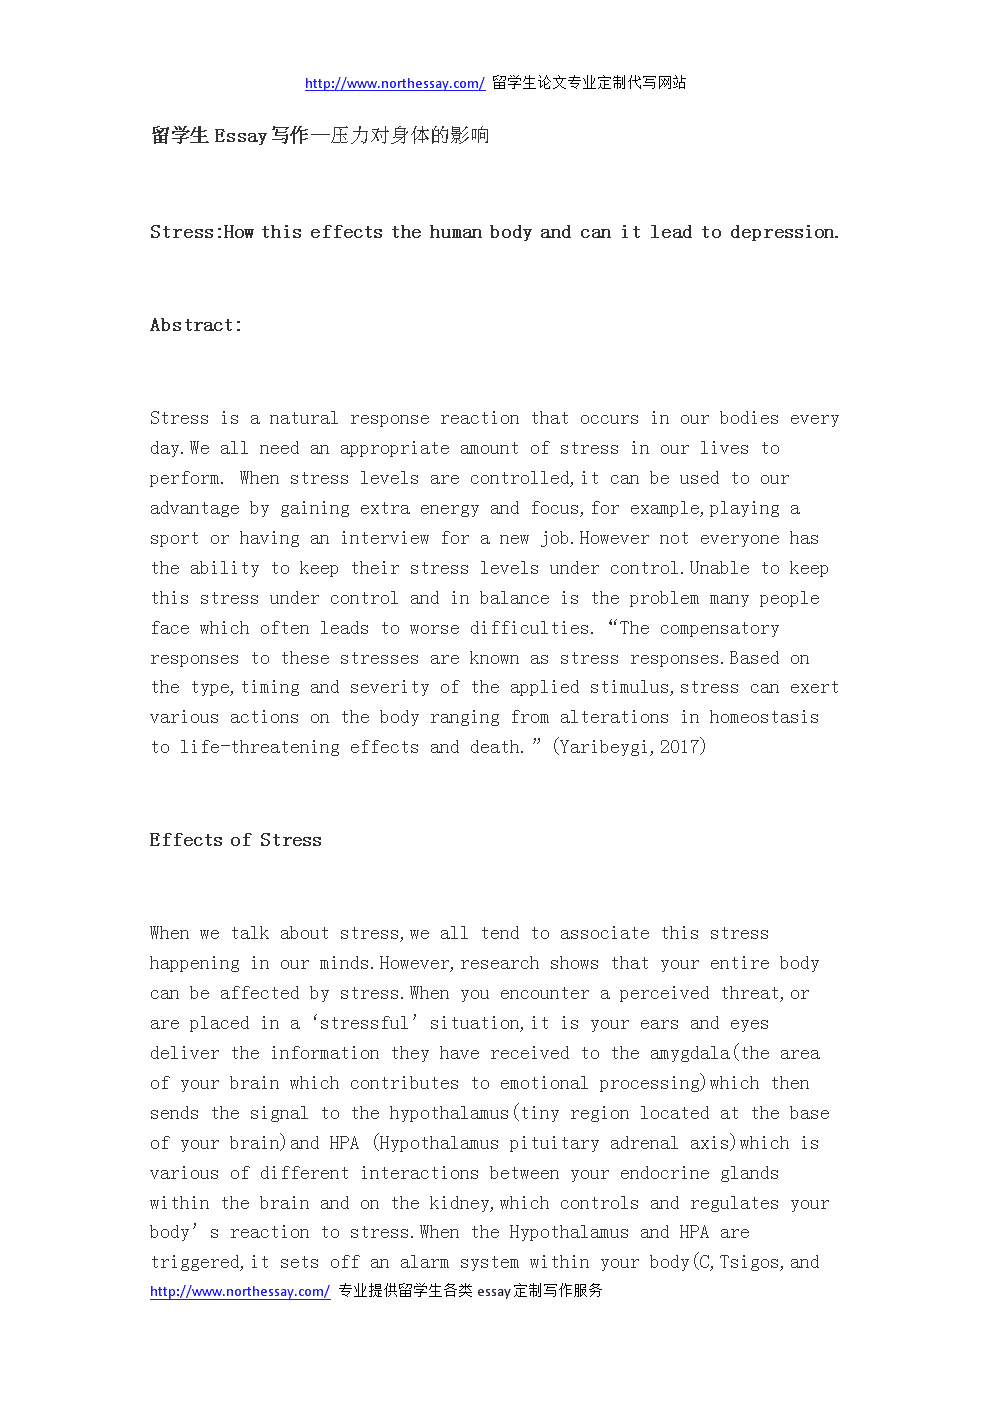 留学生Essay写作—压力对身体的影响.docx